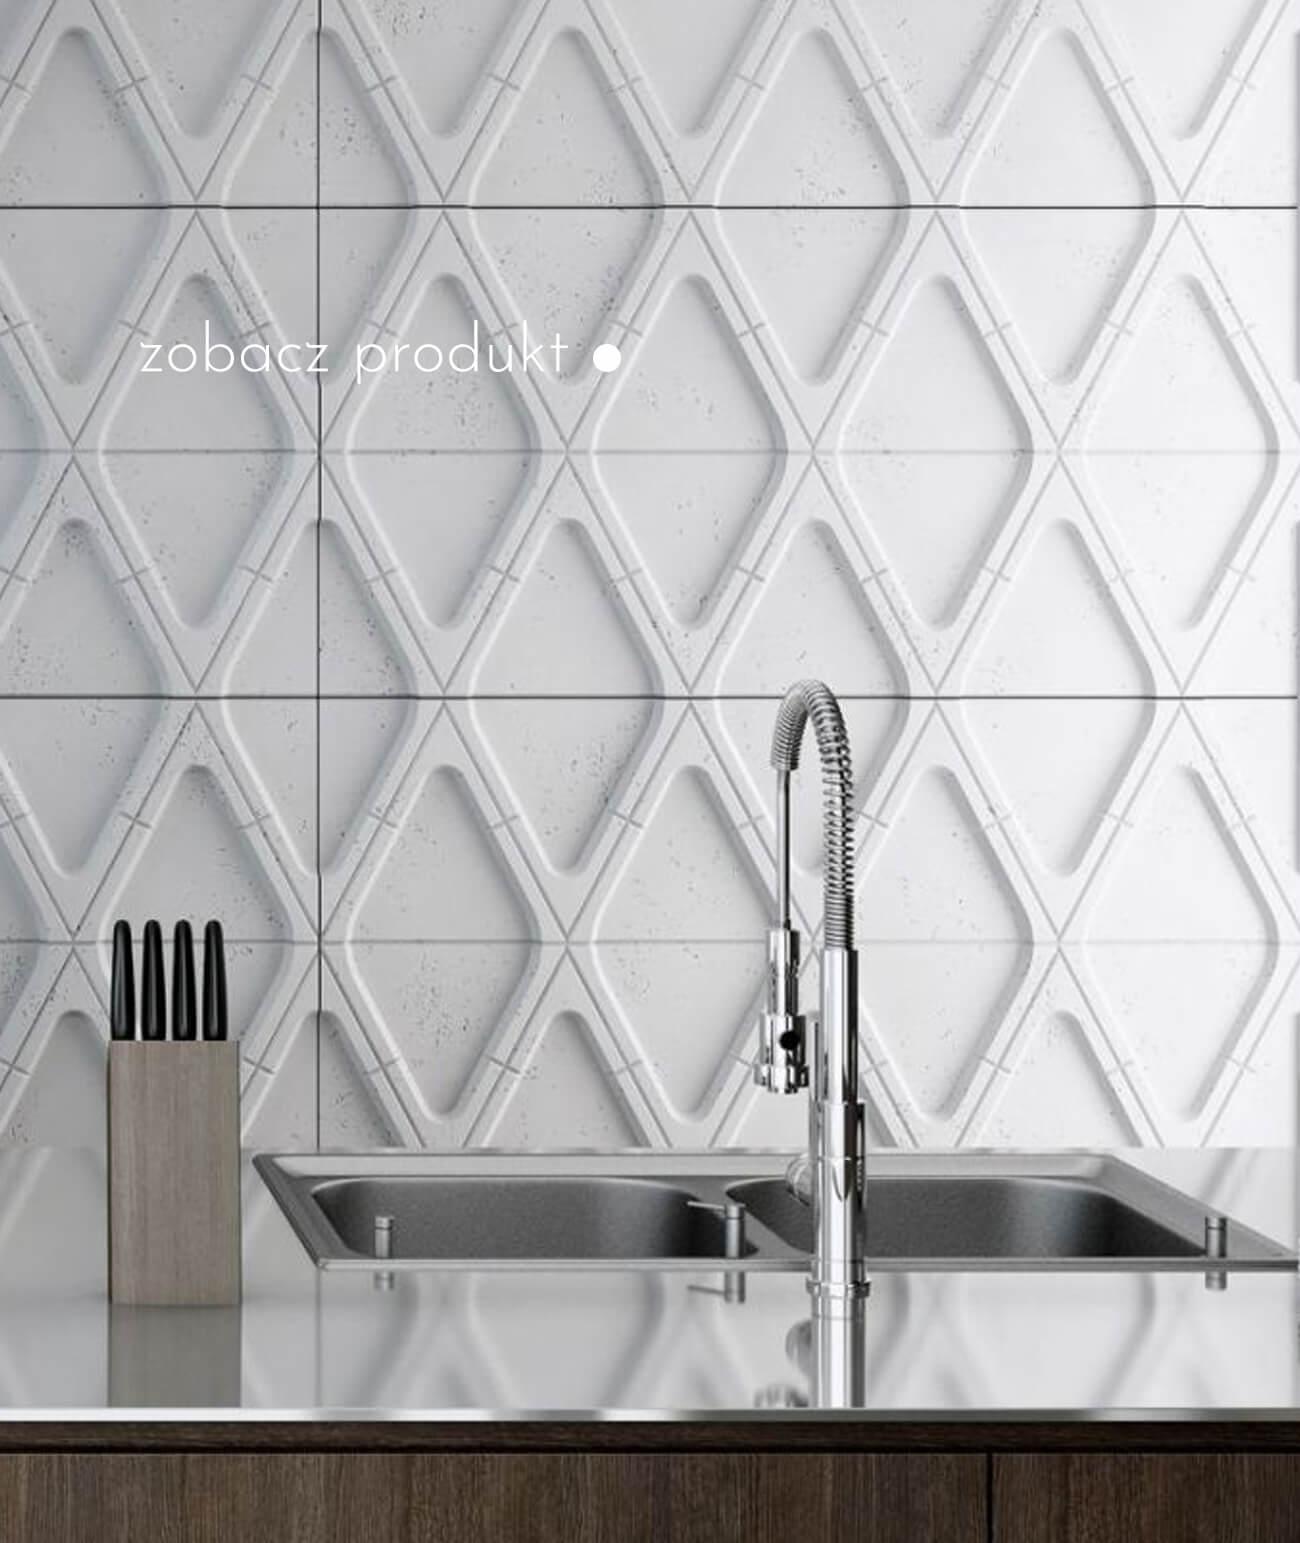 panele-betonowe-3d-scienne-i-elewacyjne-beton-architektoniczny_934-20216-pb31-bs-sniezno-bialy-modul-v---panel-dekor-3d-beton-architektoniczny-panel-scienny